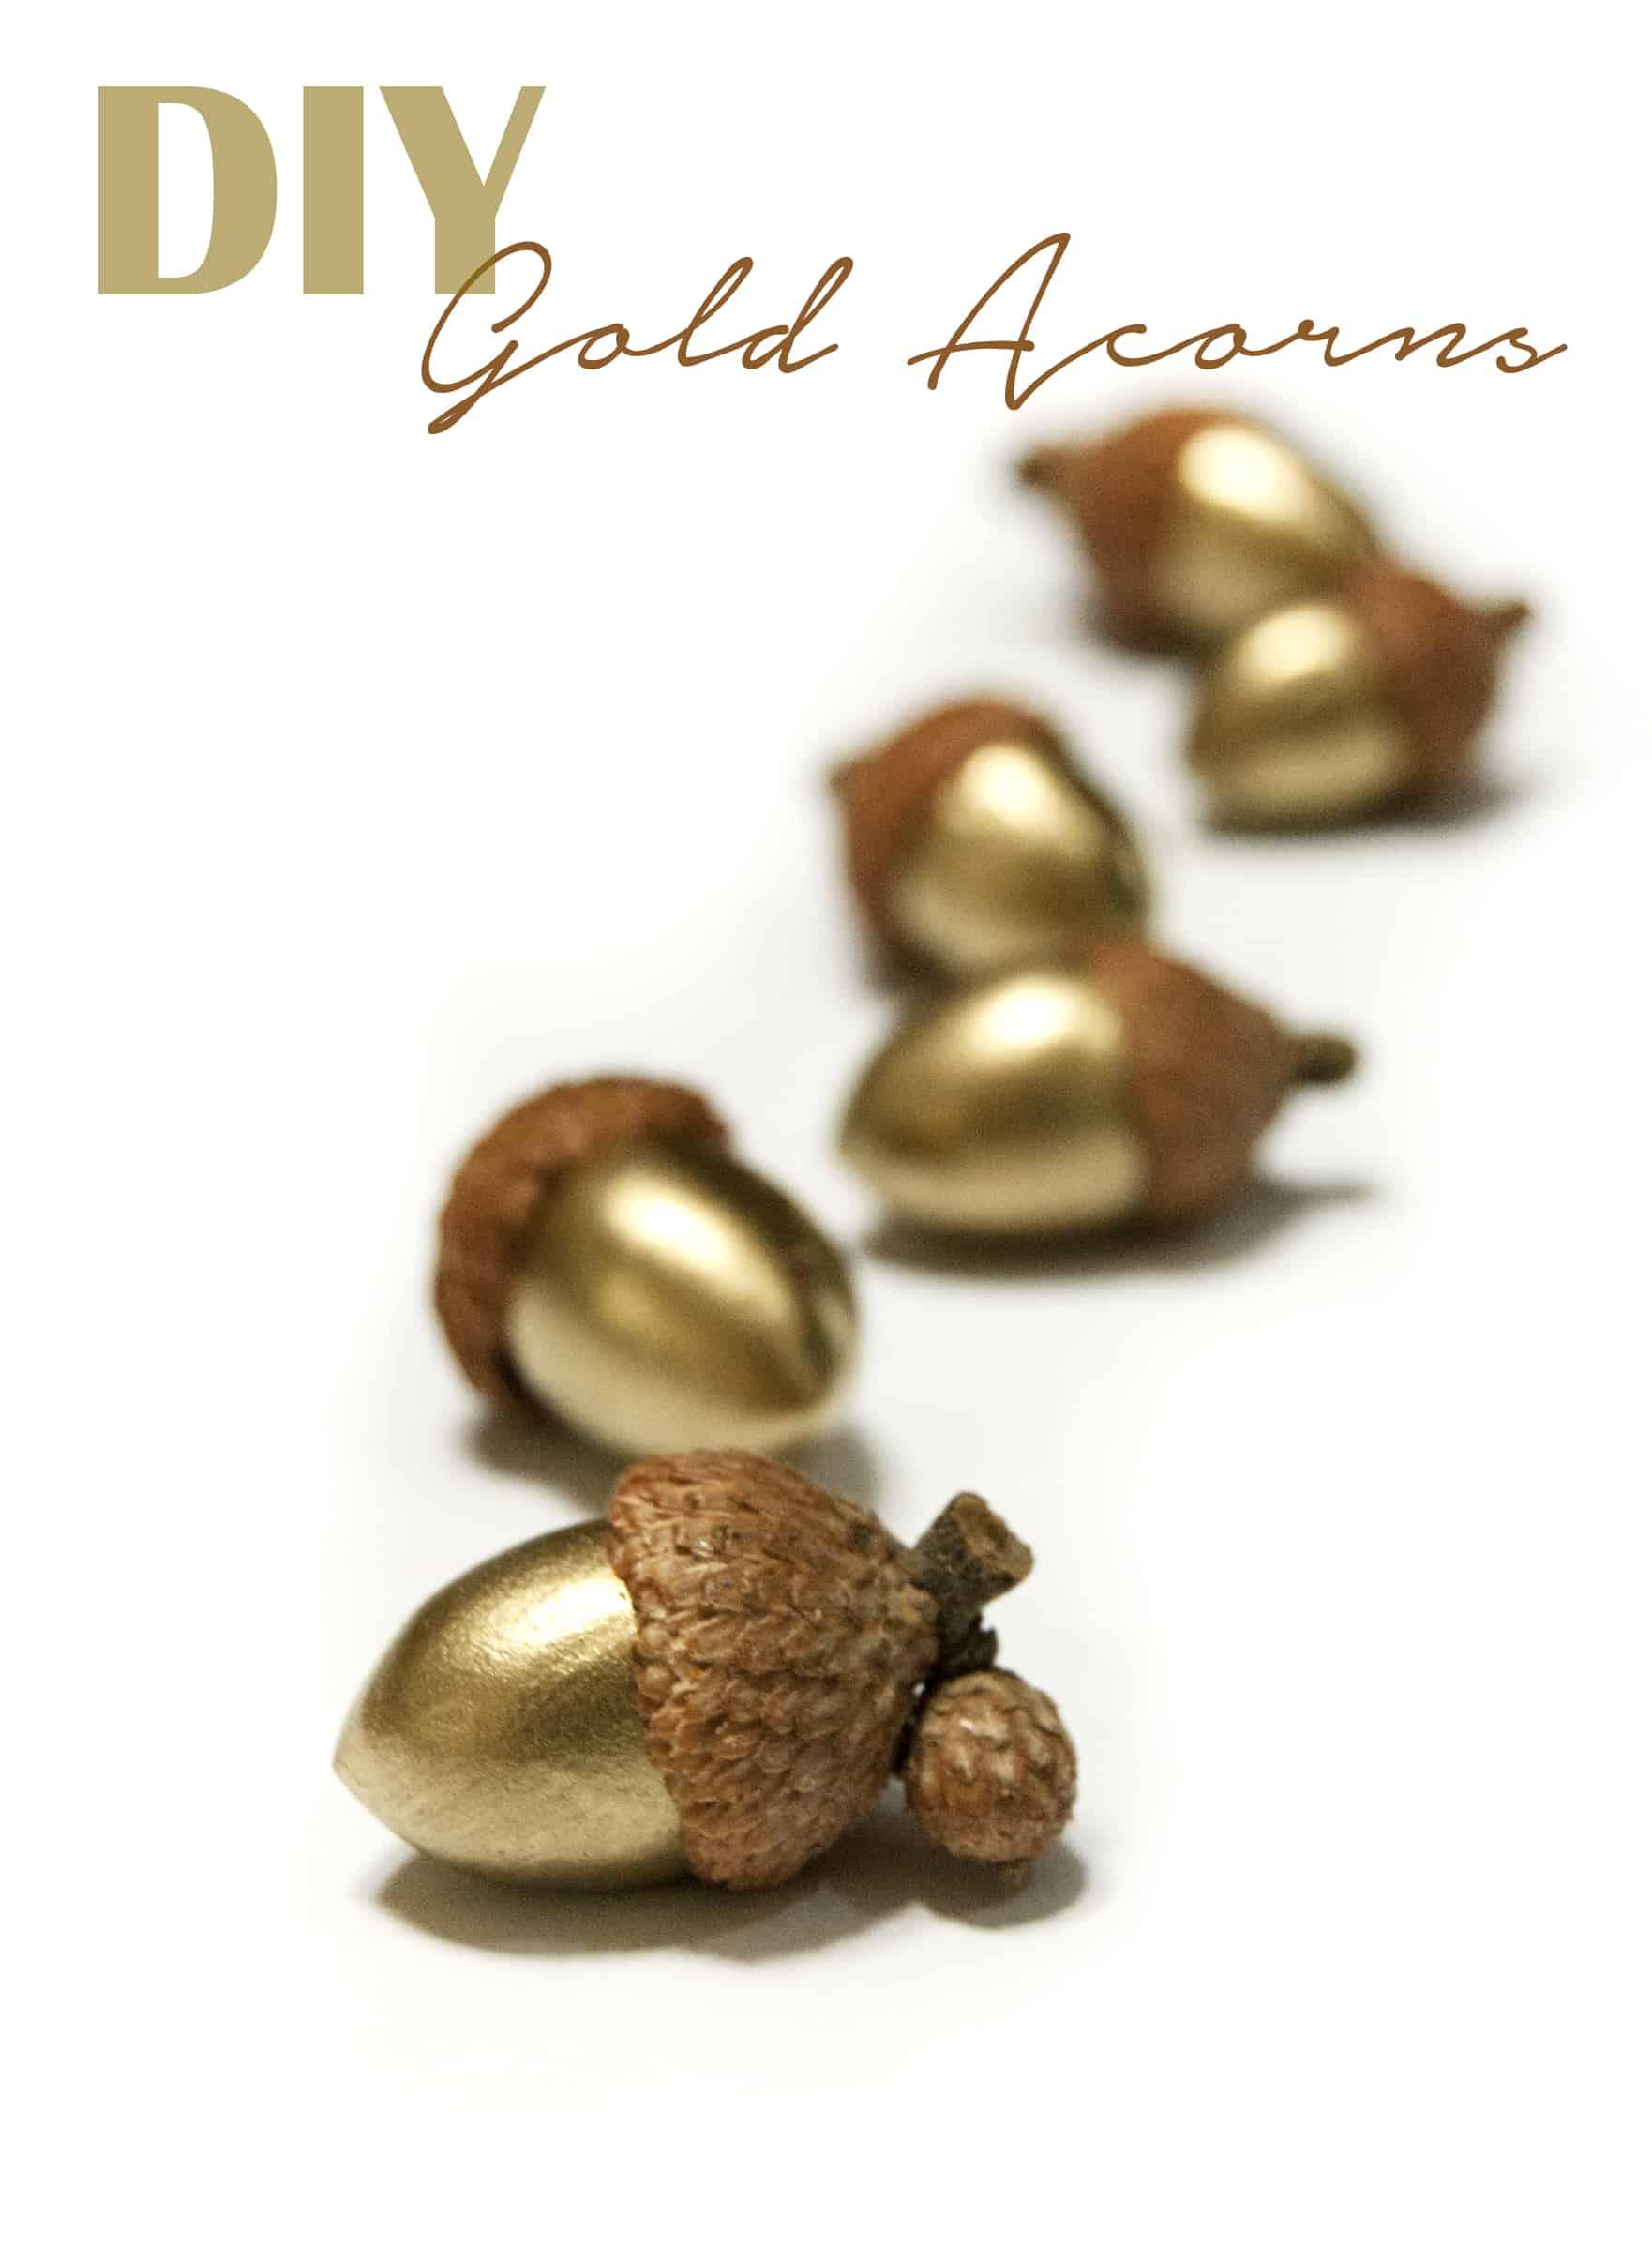 Decorative DIY gold acorns